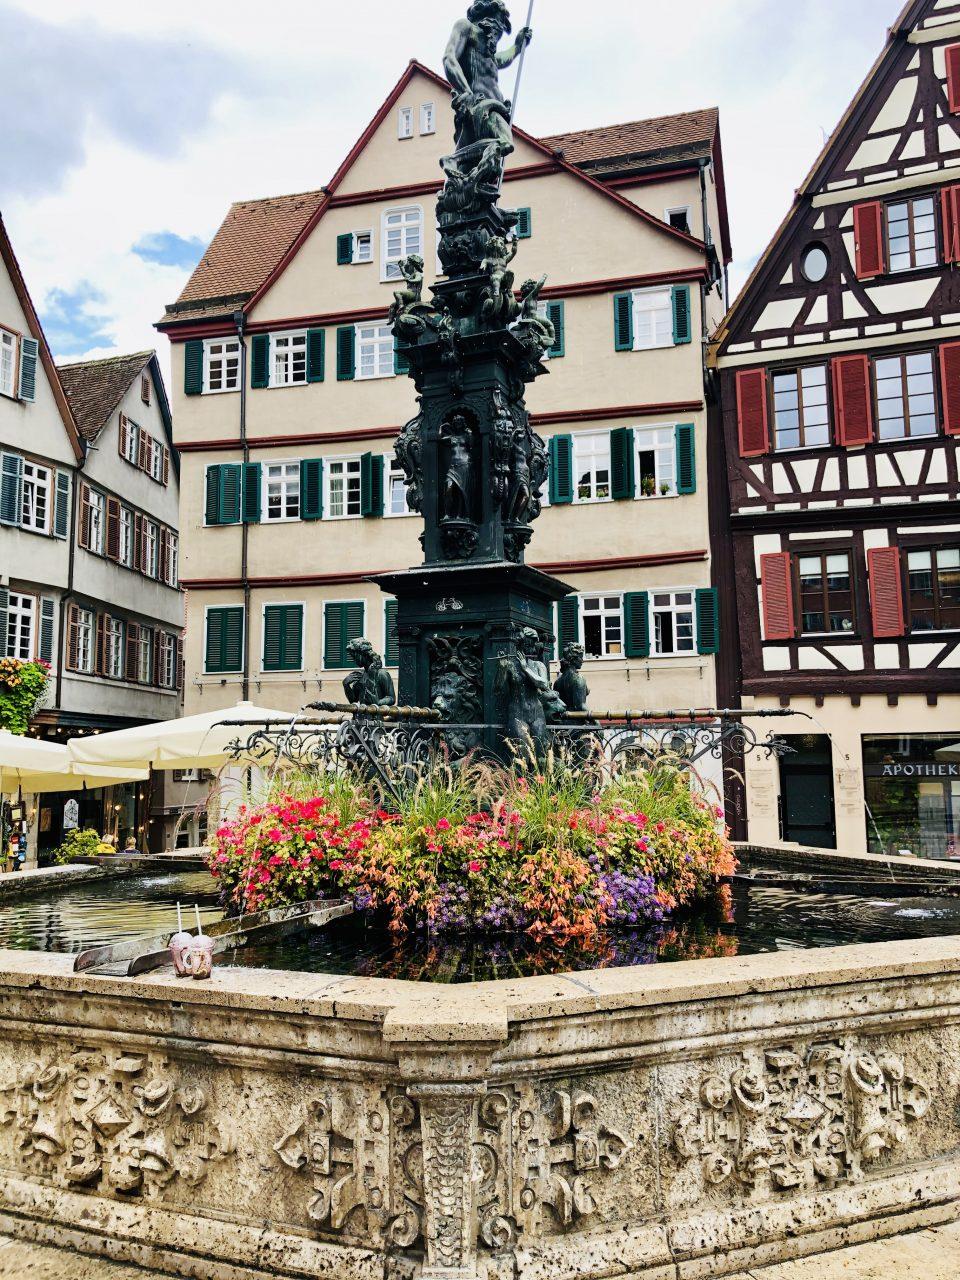 Tuebingen Marktplatz fountain